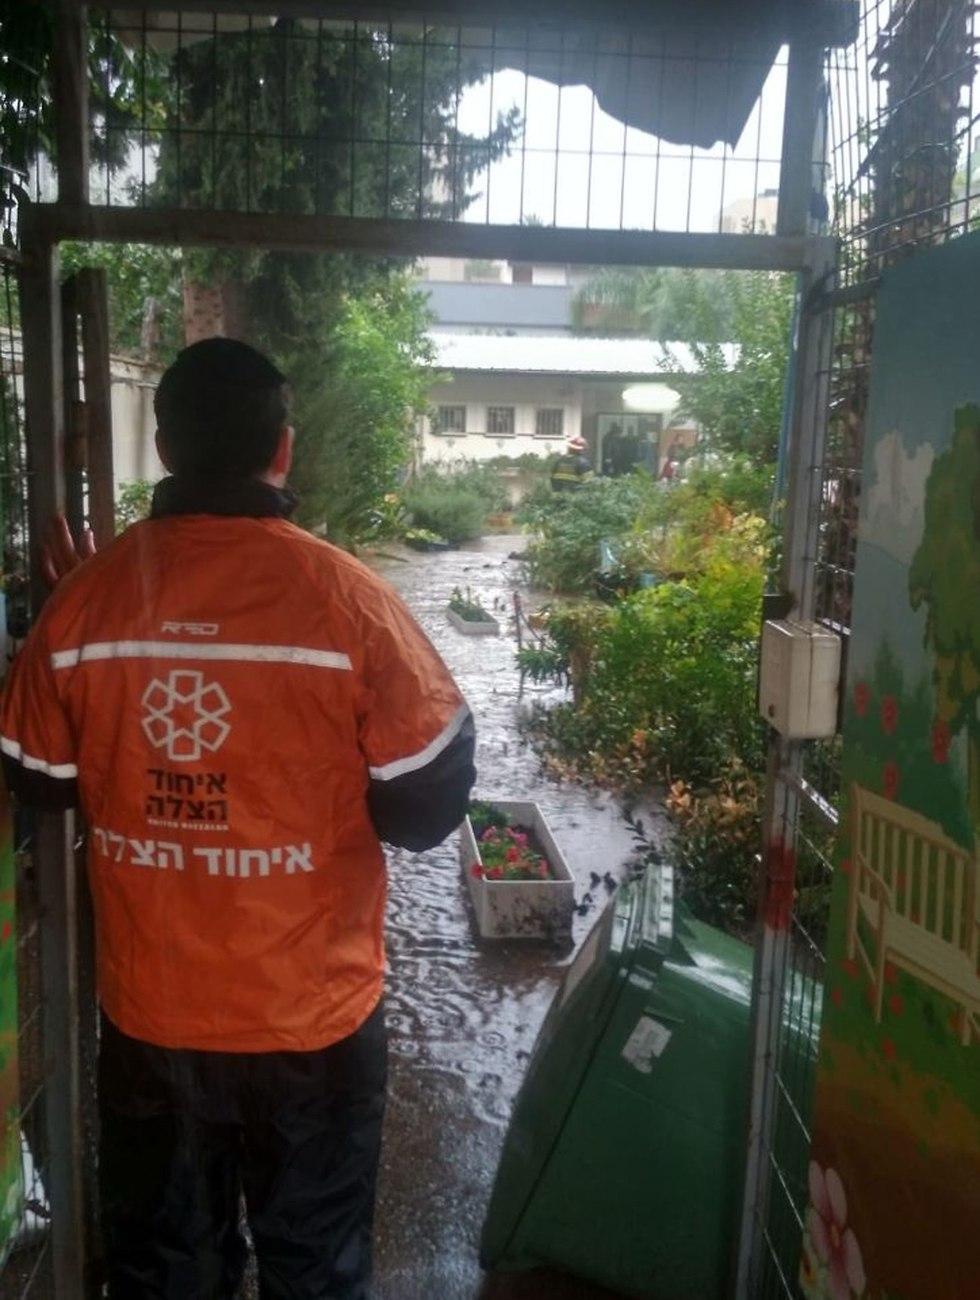 גן ילדים רחובות הצפה הוצף גשם גשום מזג אוויר (צילום: דוברות איחוד הצלה)